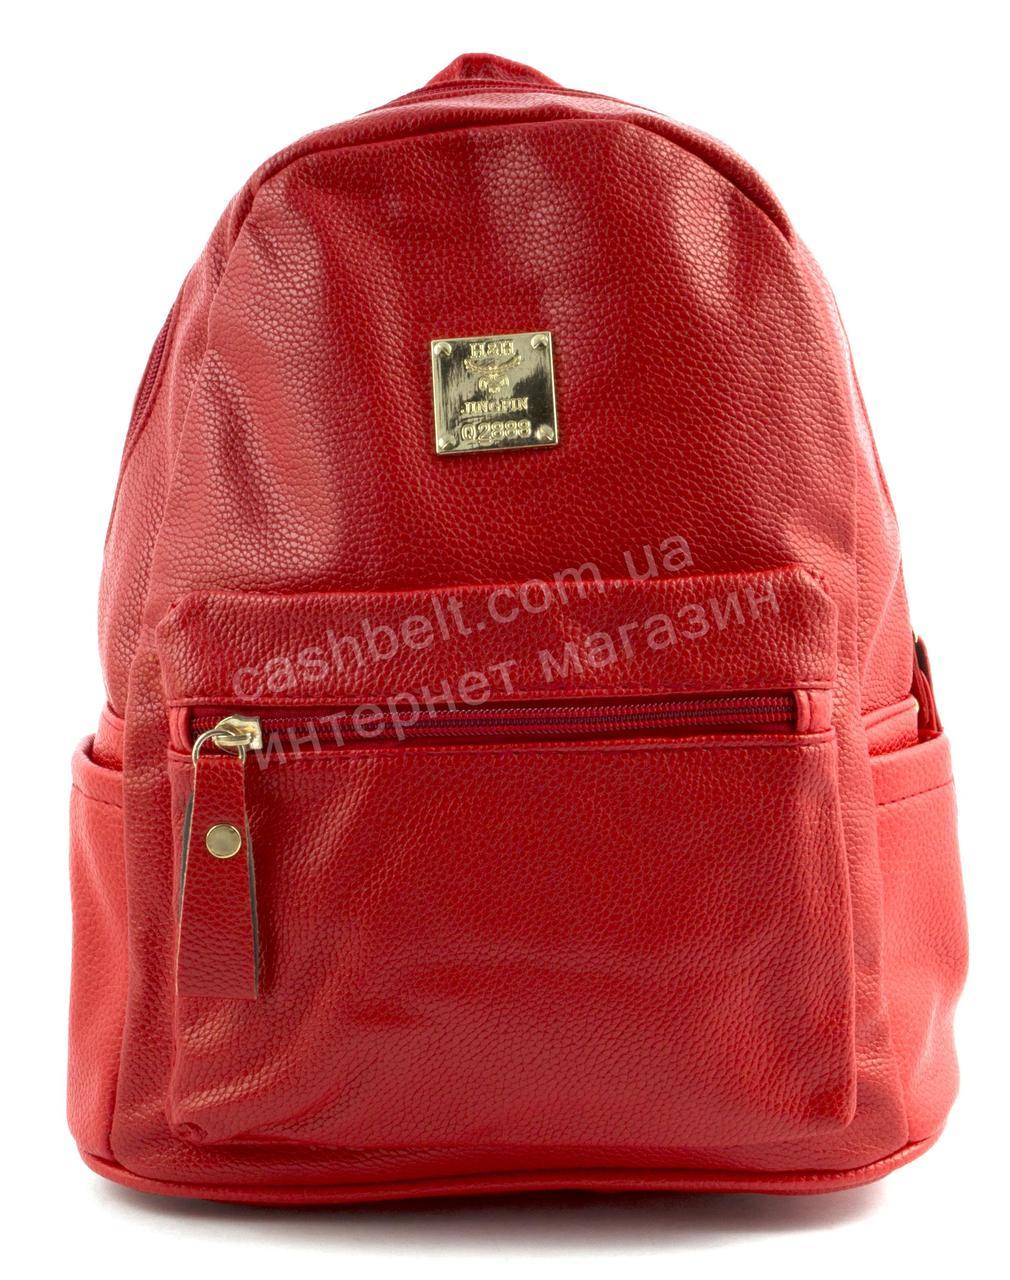 Невеликий міцний стильний оригінальний жіночий рюкзачок art. A36 червоний